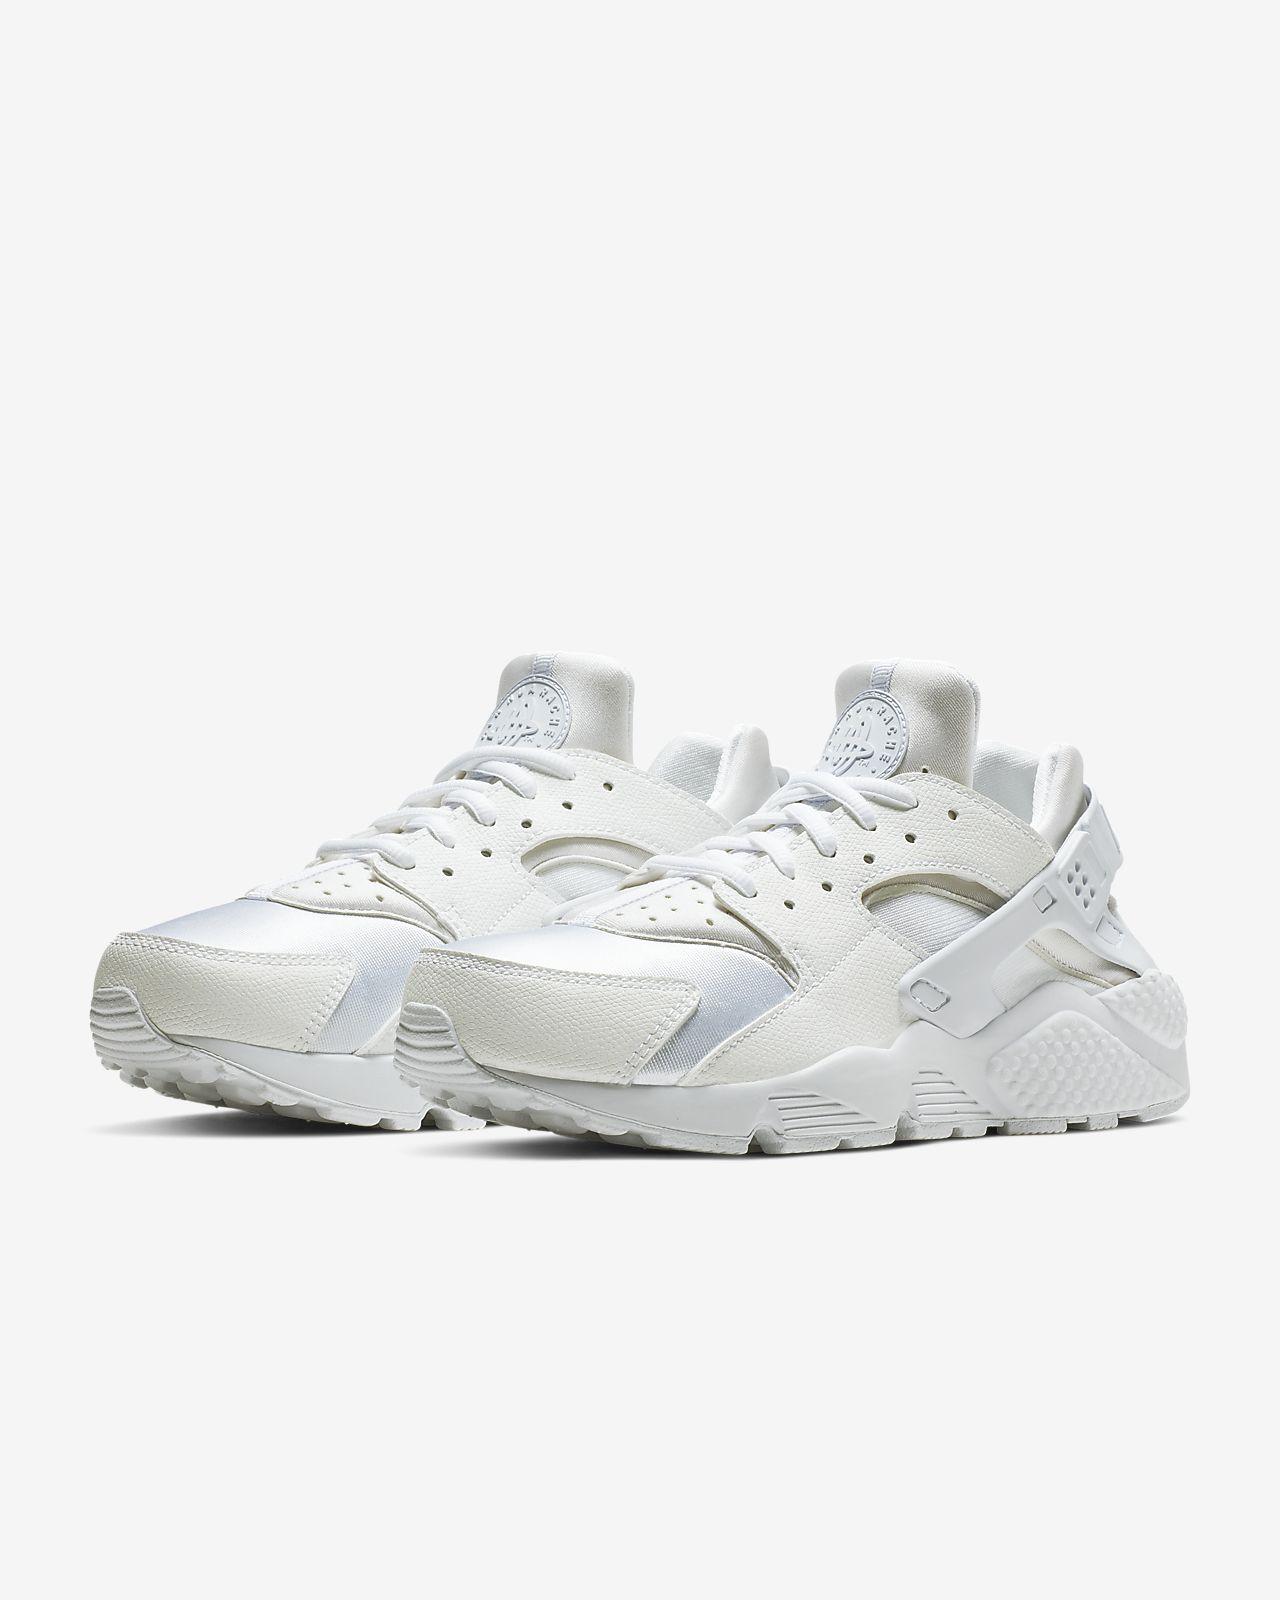 Pour Huarache Chaussure Nike Air Femme zVLpGSqUM